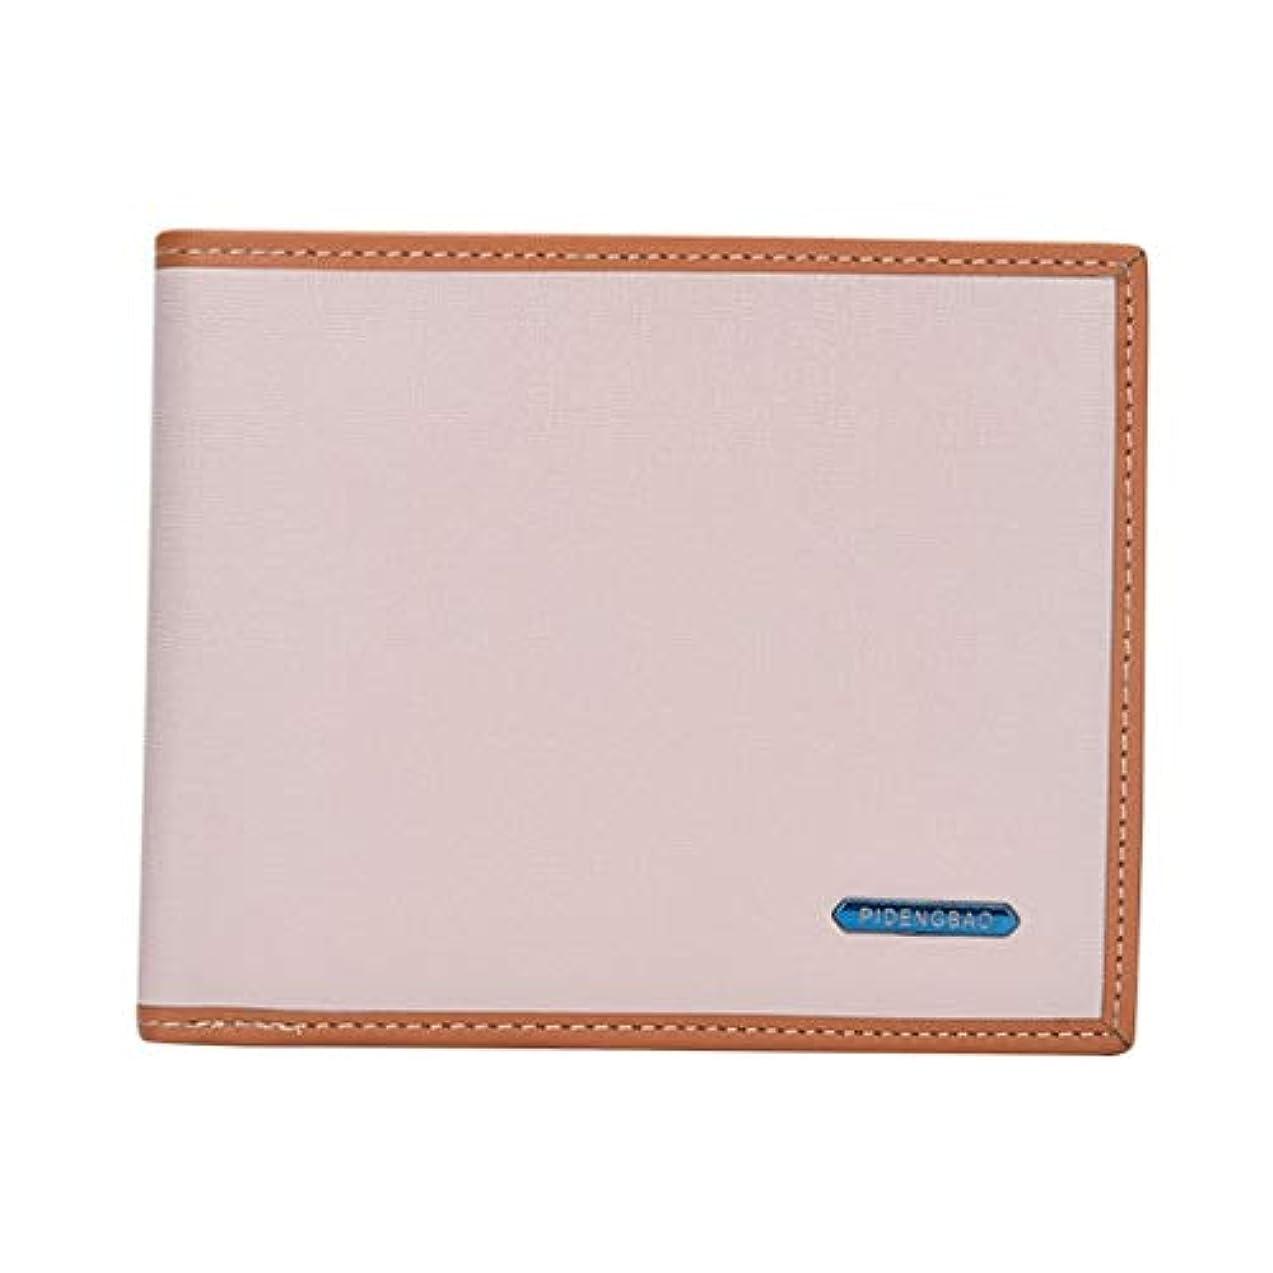 静脈横向きラップトップ2019メンズ財布 ショート財布 レザーウォレット ビジネス財布 レザーウォレット メンズ名刺入れ(折りたたみ防止用)ハイクオリティ 多機能財布 あなたや贈り物に適しています (B)